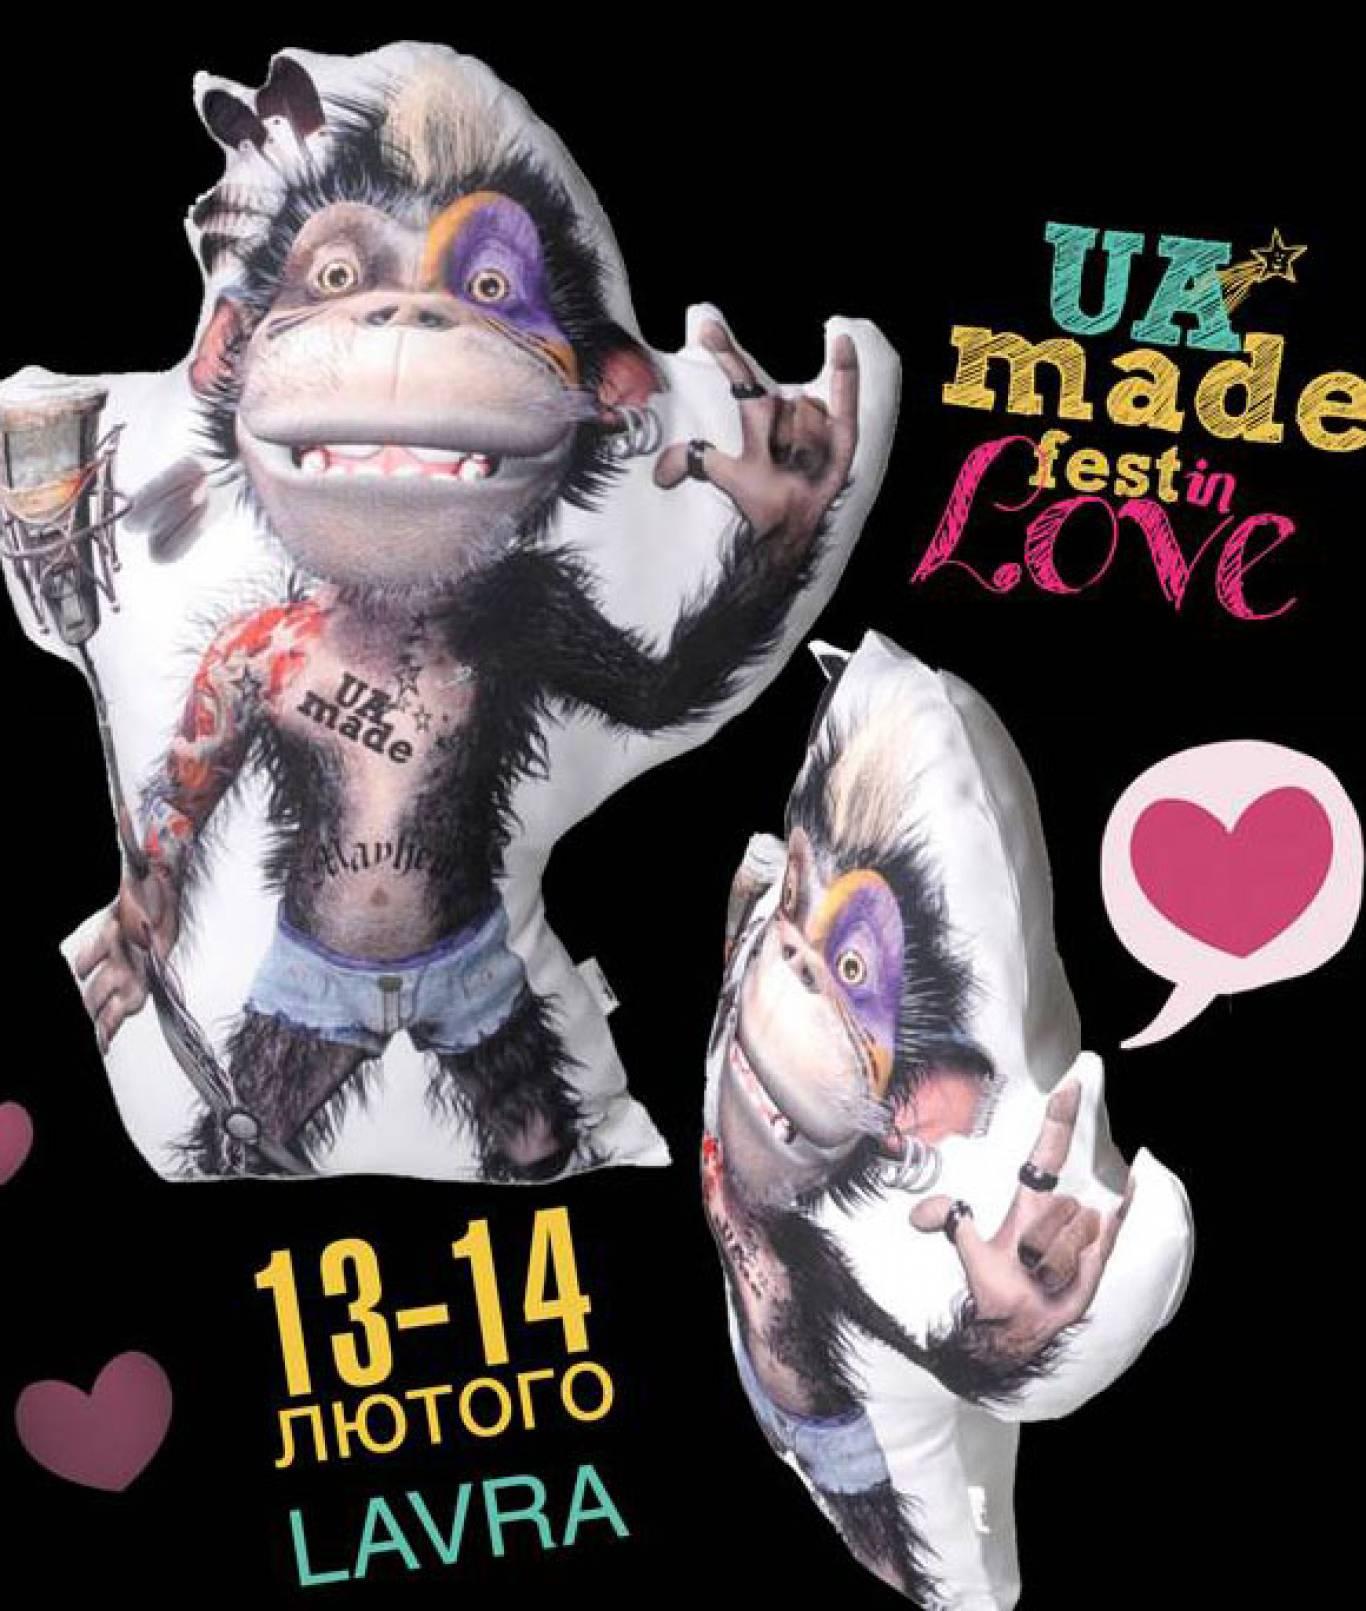 """Фестиваль відкритих сердець UAmadeFest in LOVE в галереї """"Лавра"""""""